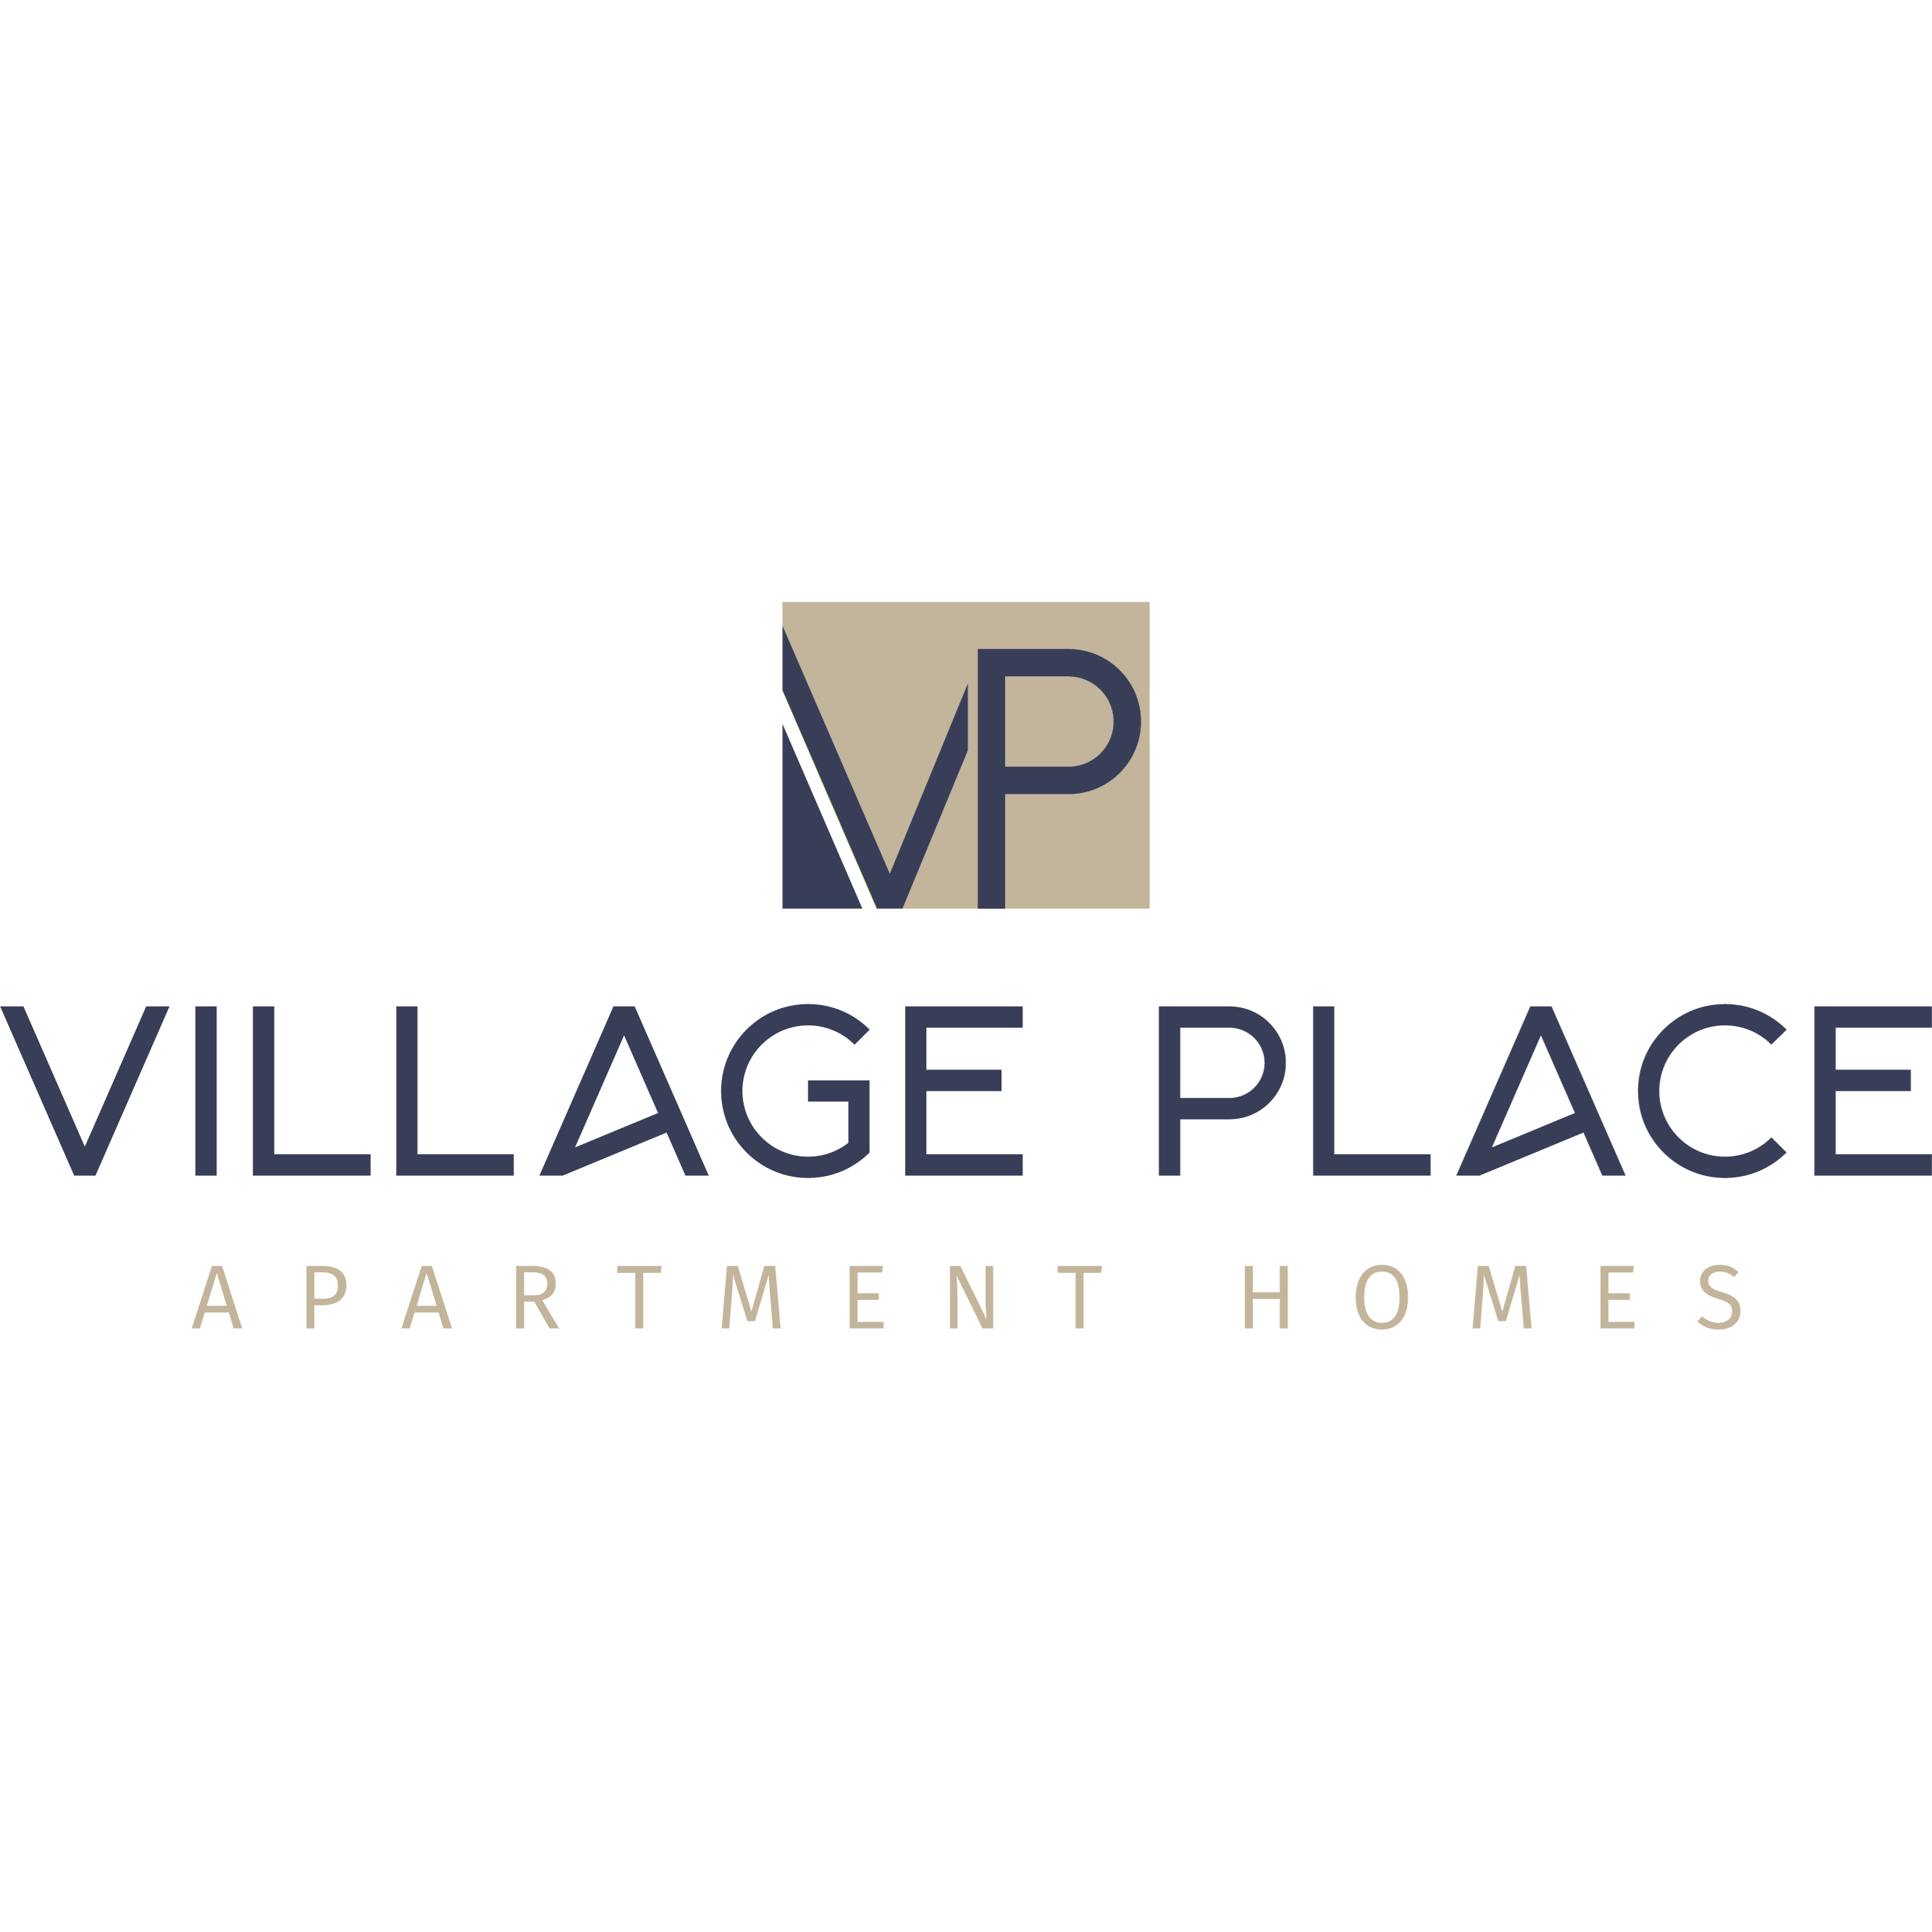 Village Place Apartments